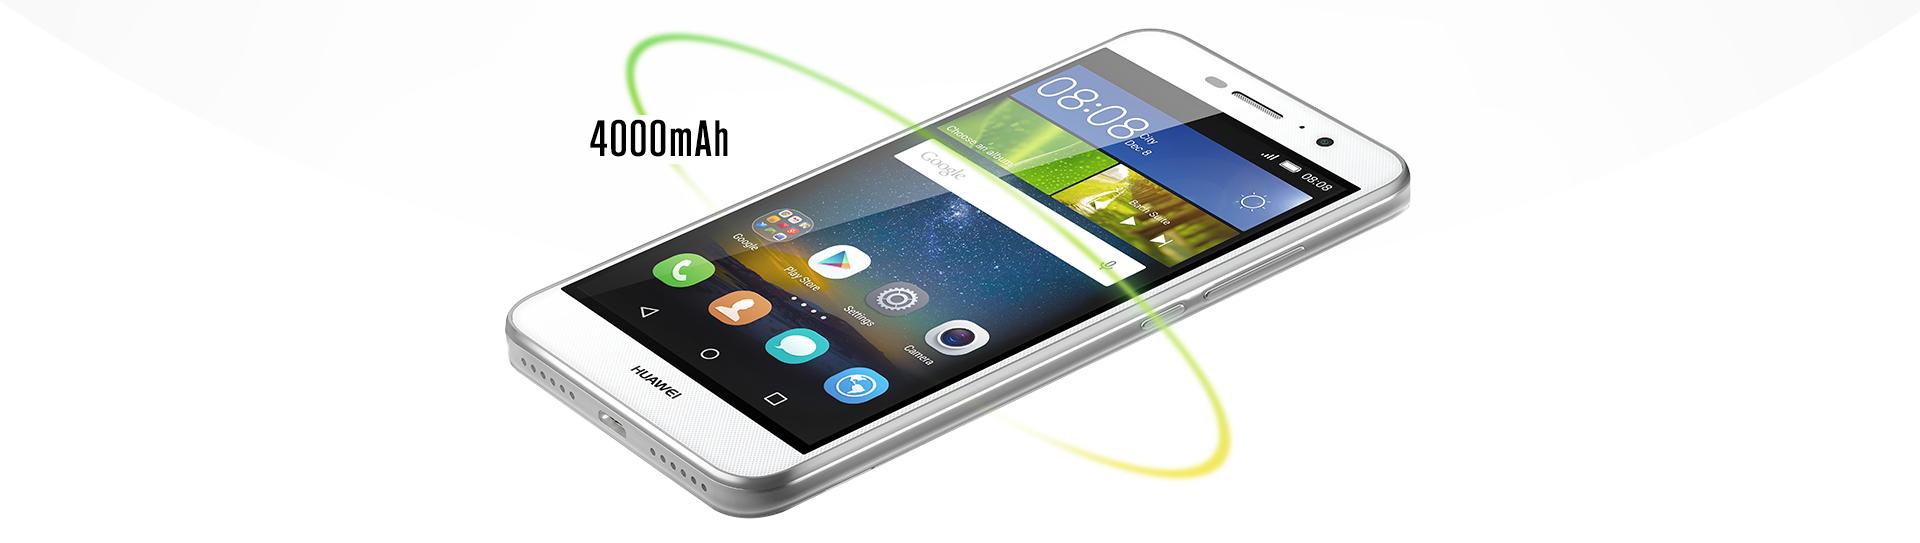 Huawei Y6 Pro аккумулятор